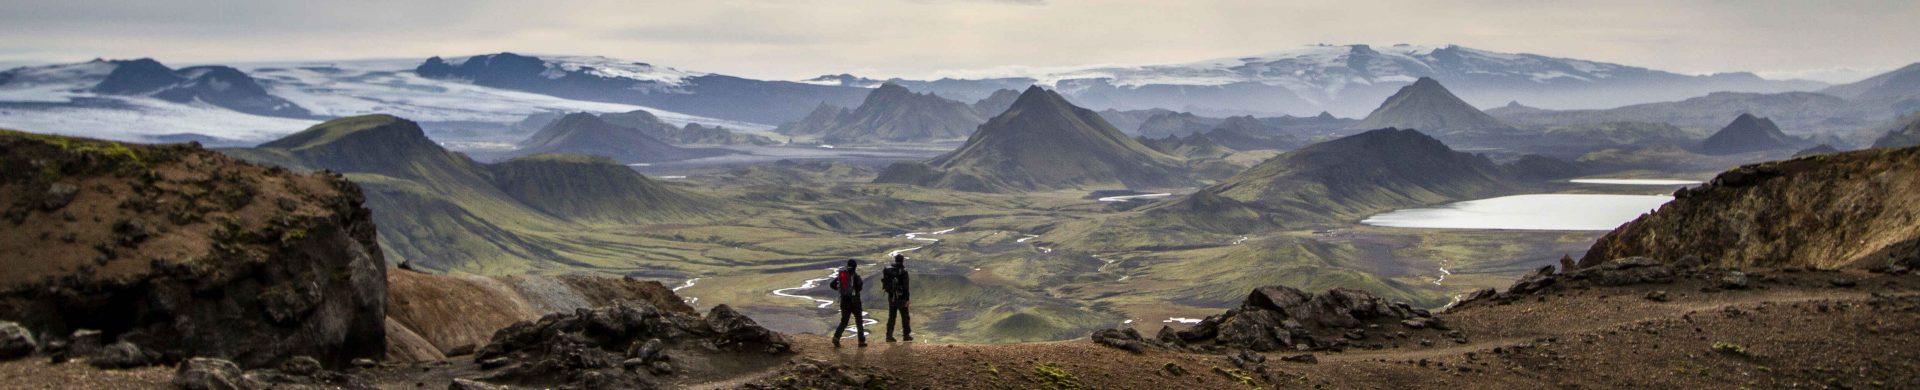 randonnée islande guide islande